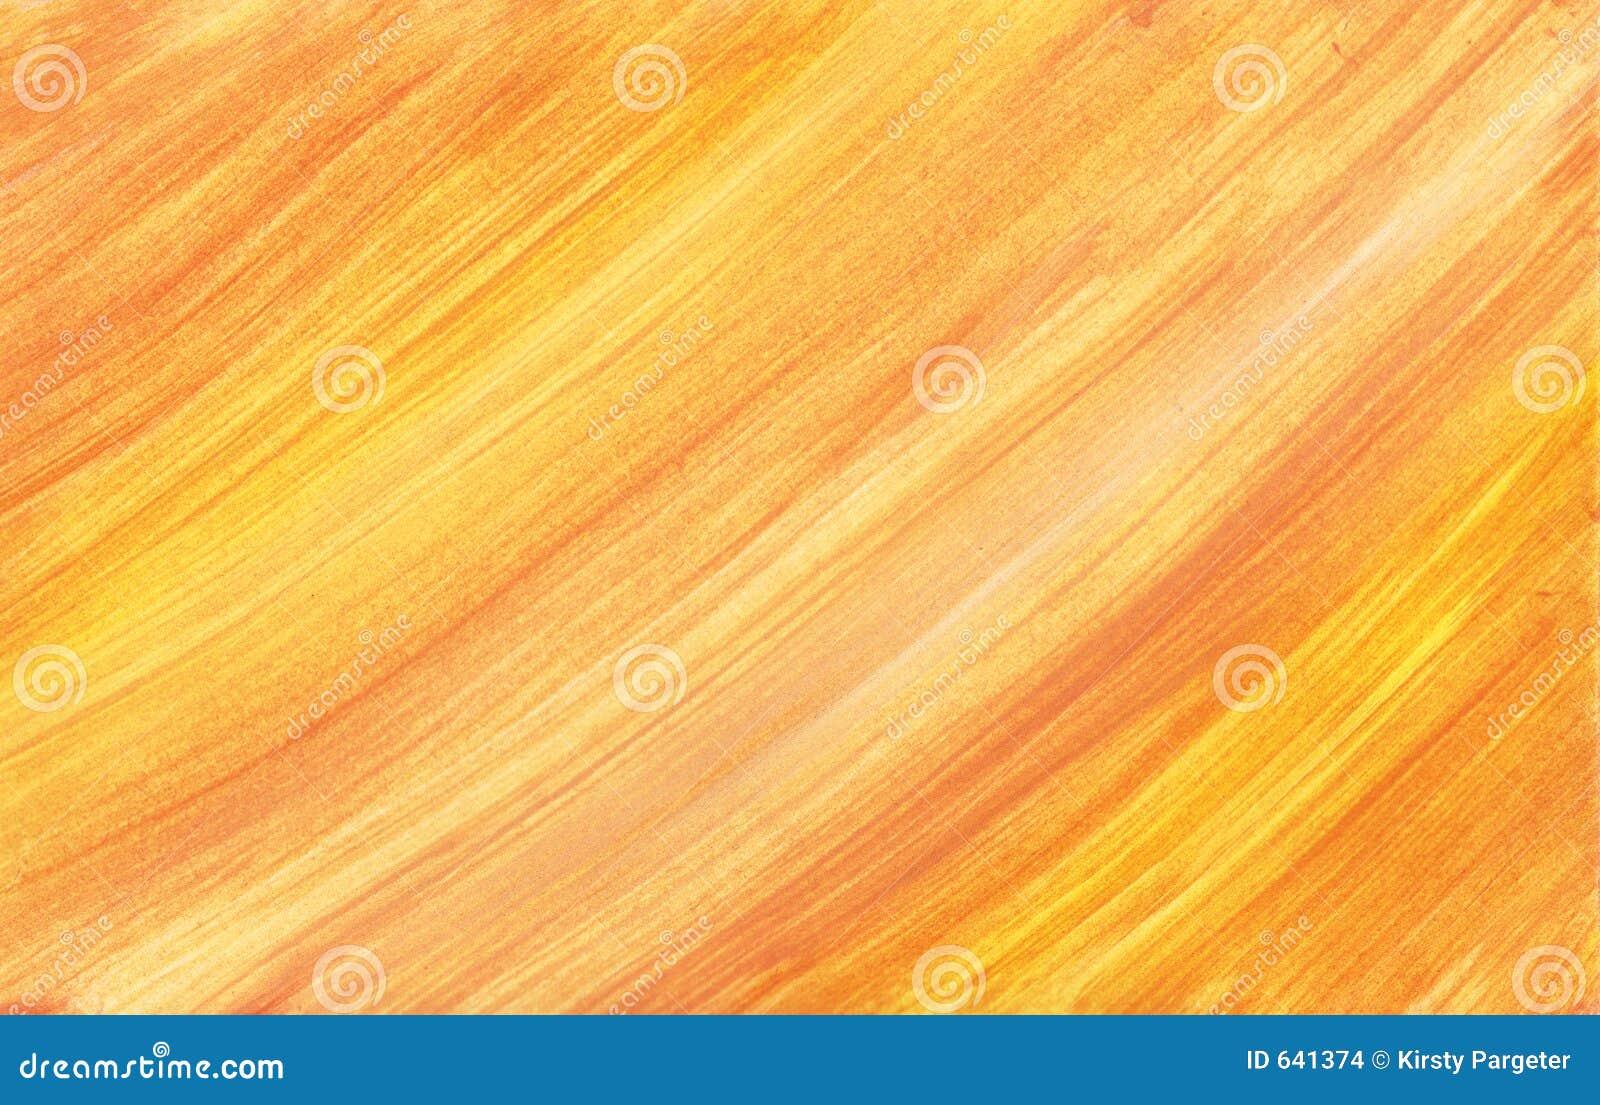 Download покрашенная рука предпосылки Иллюстрация штока - иллюстрации насчитывающей watercolour, brusher: 641374